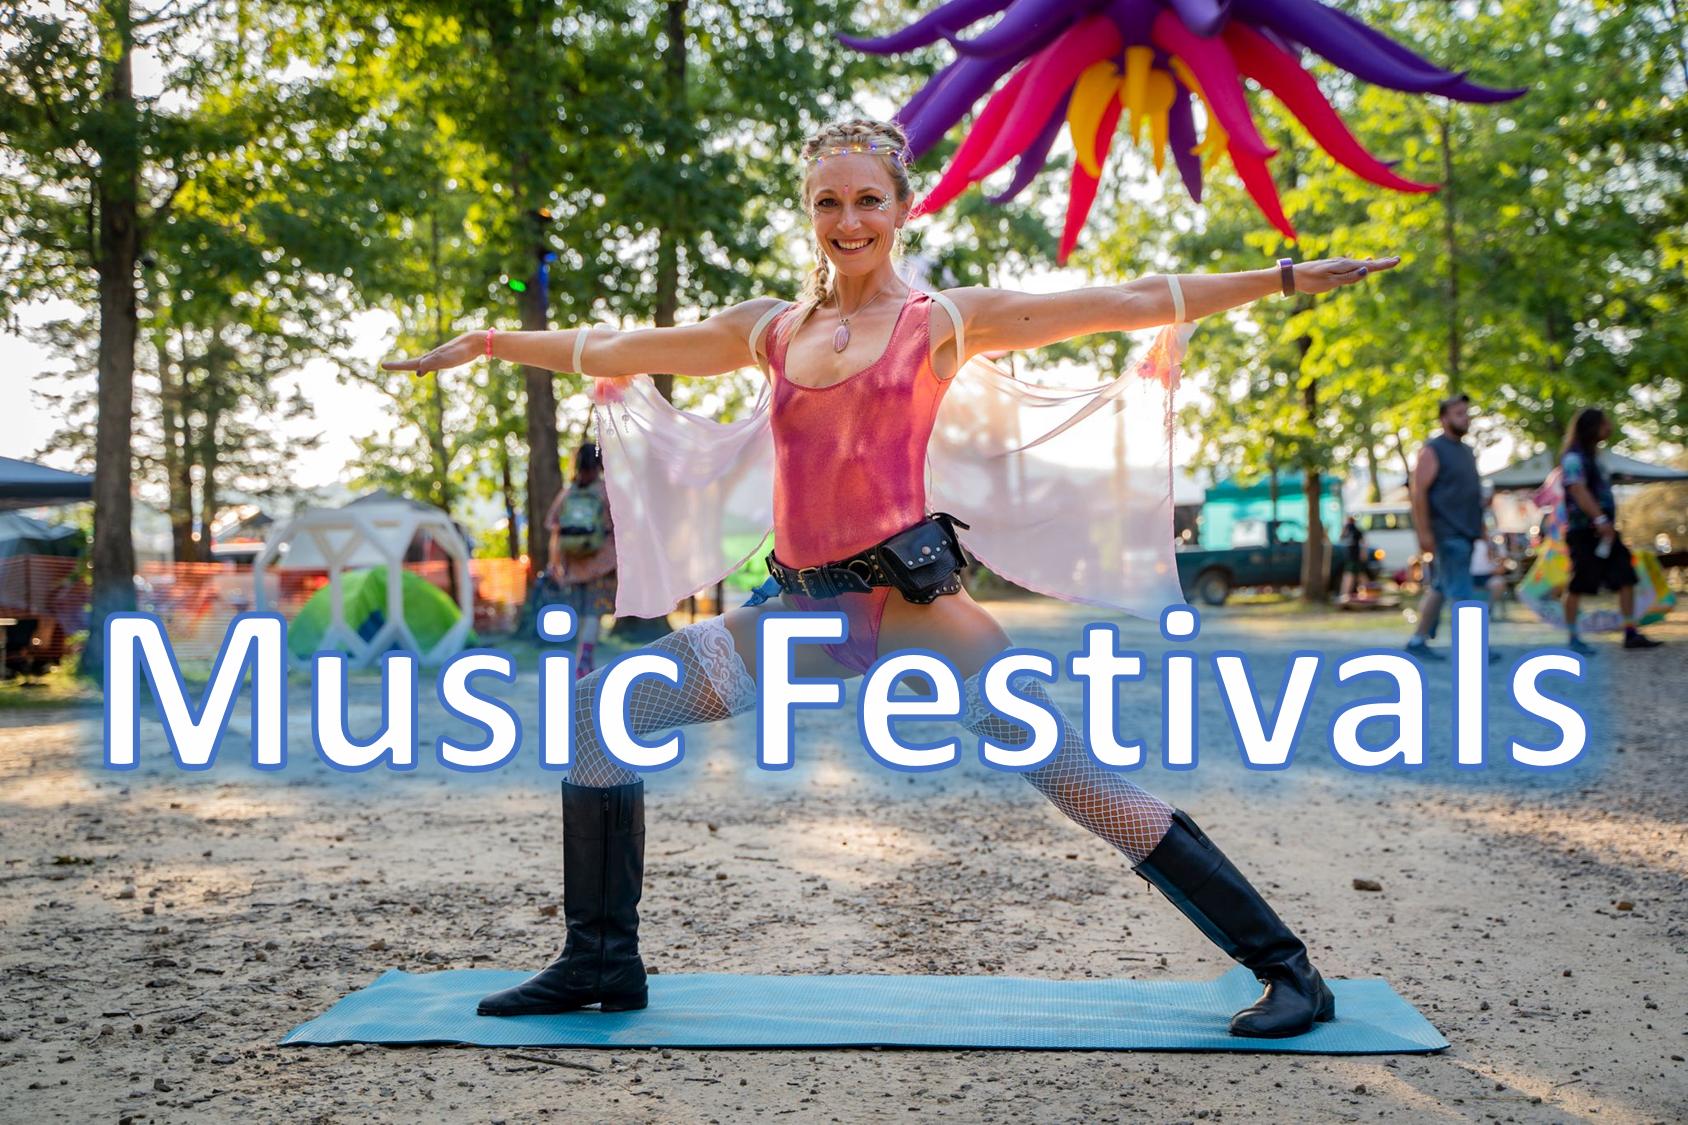 Music Festivals.jpg